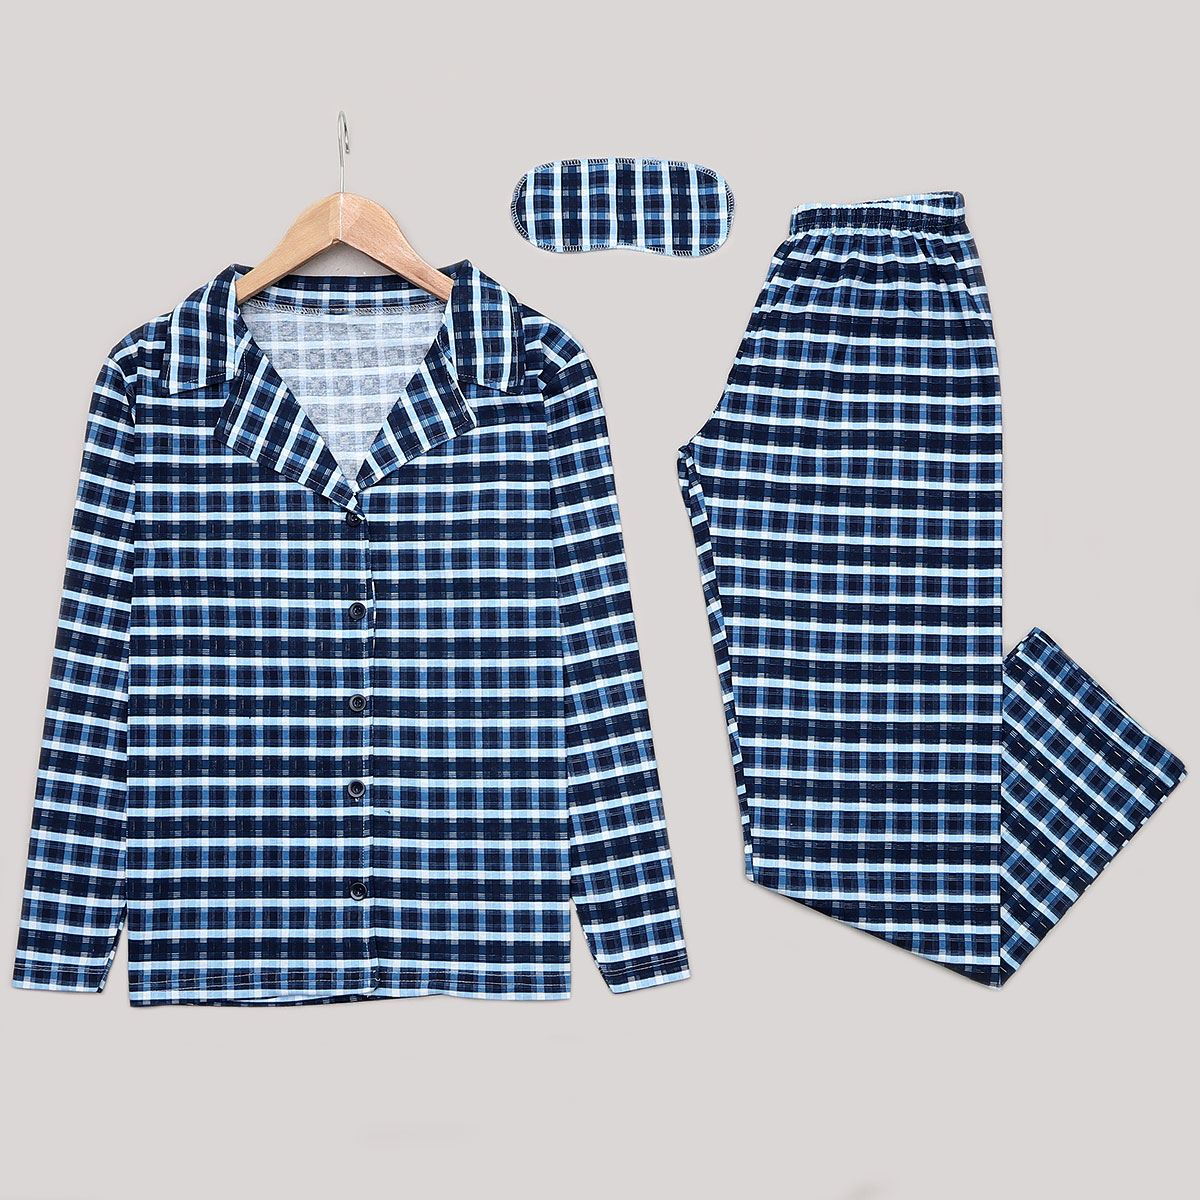 Mavi Ekoseli Pijama Takımı PJM1158